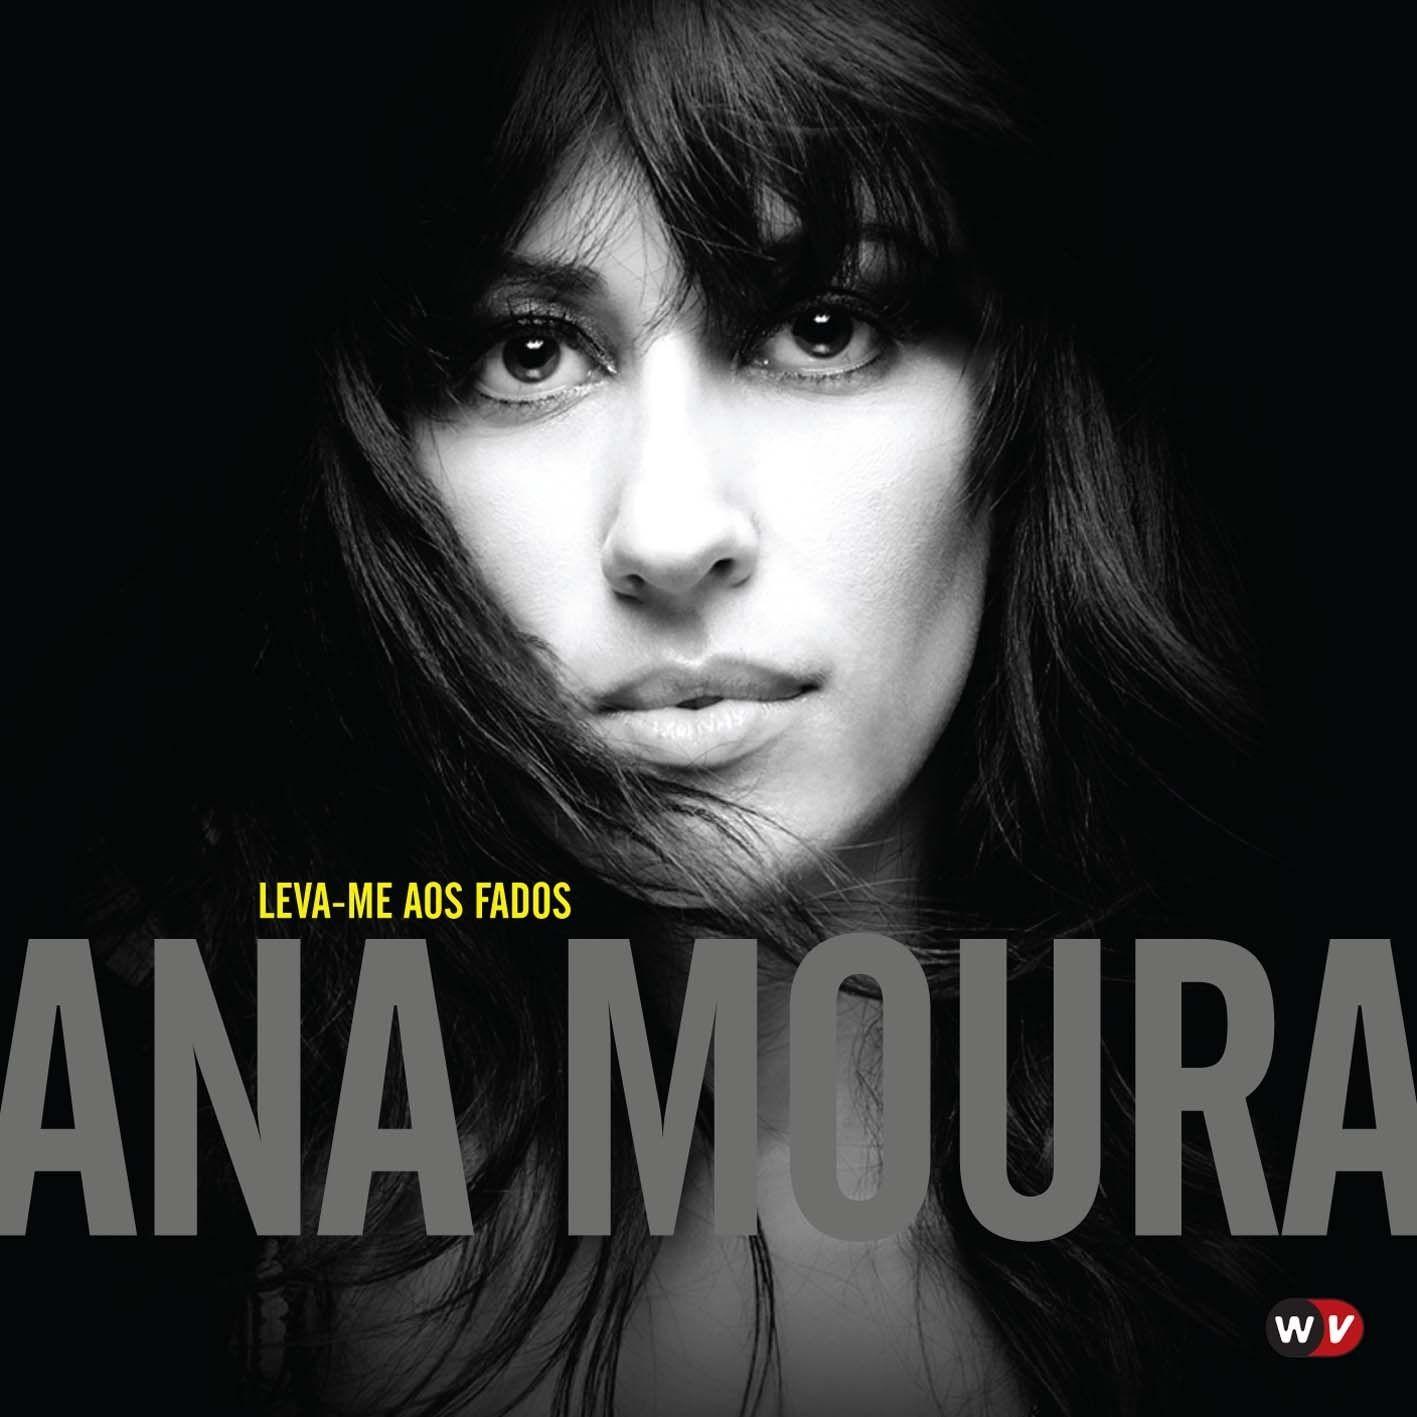 Ana Moura - Leva-me Aos Fados album cover